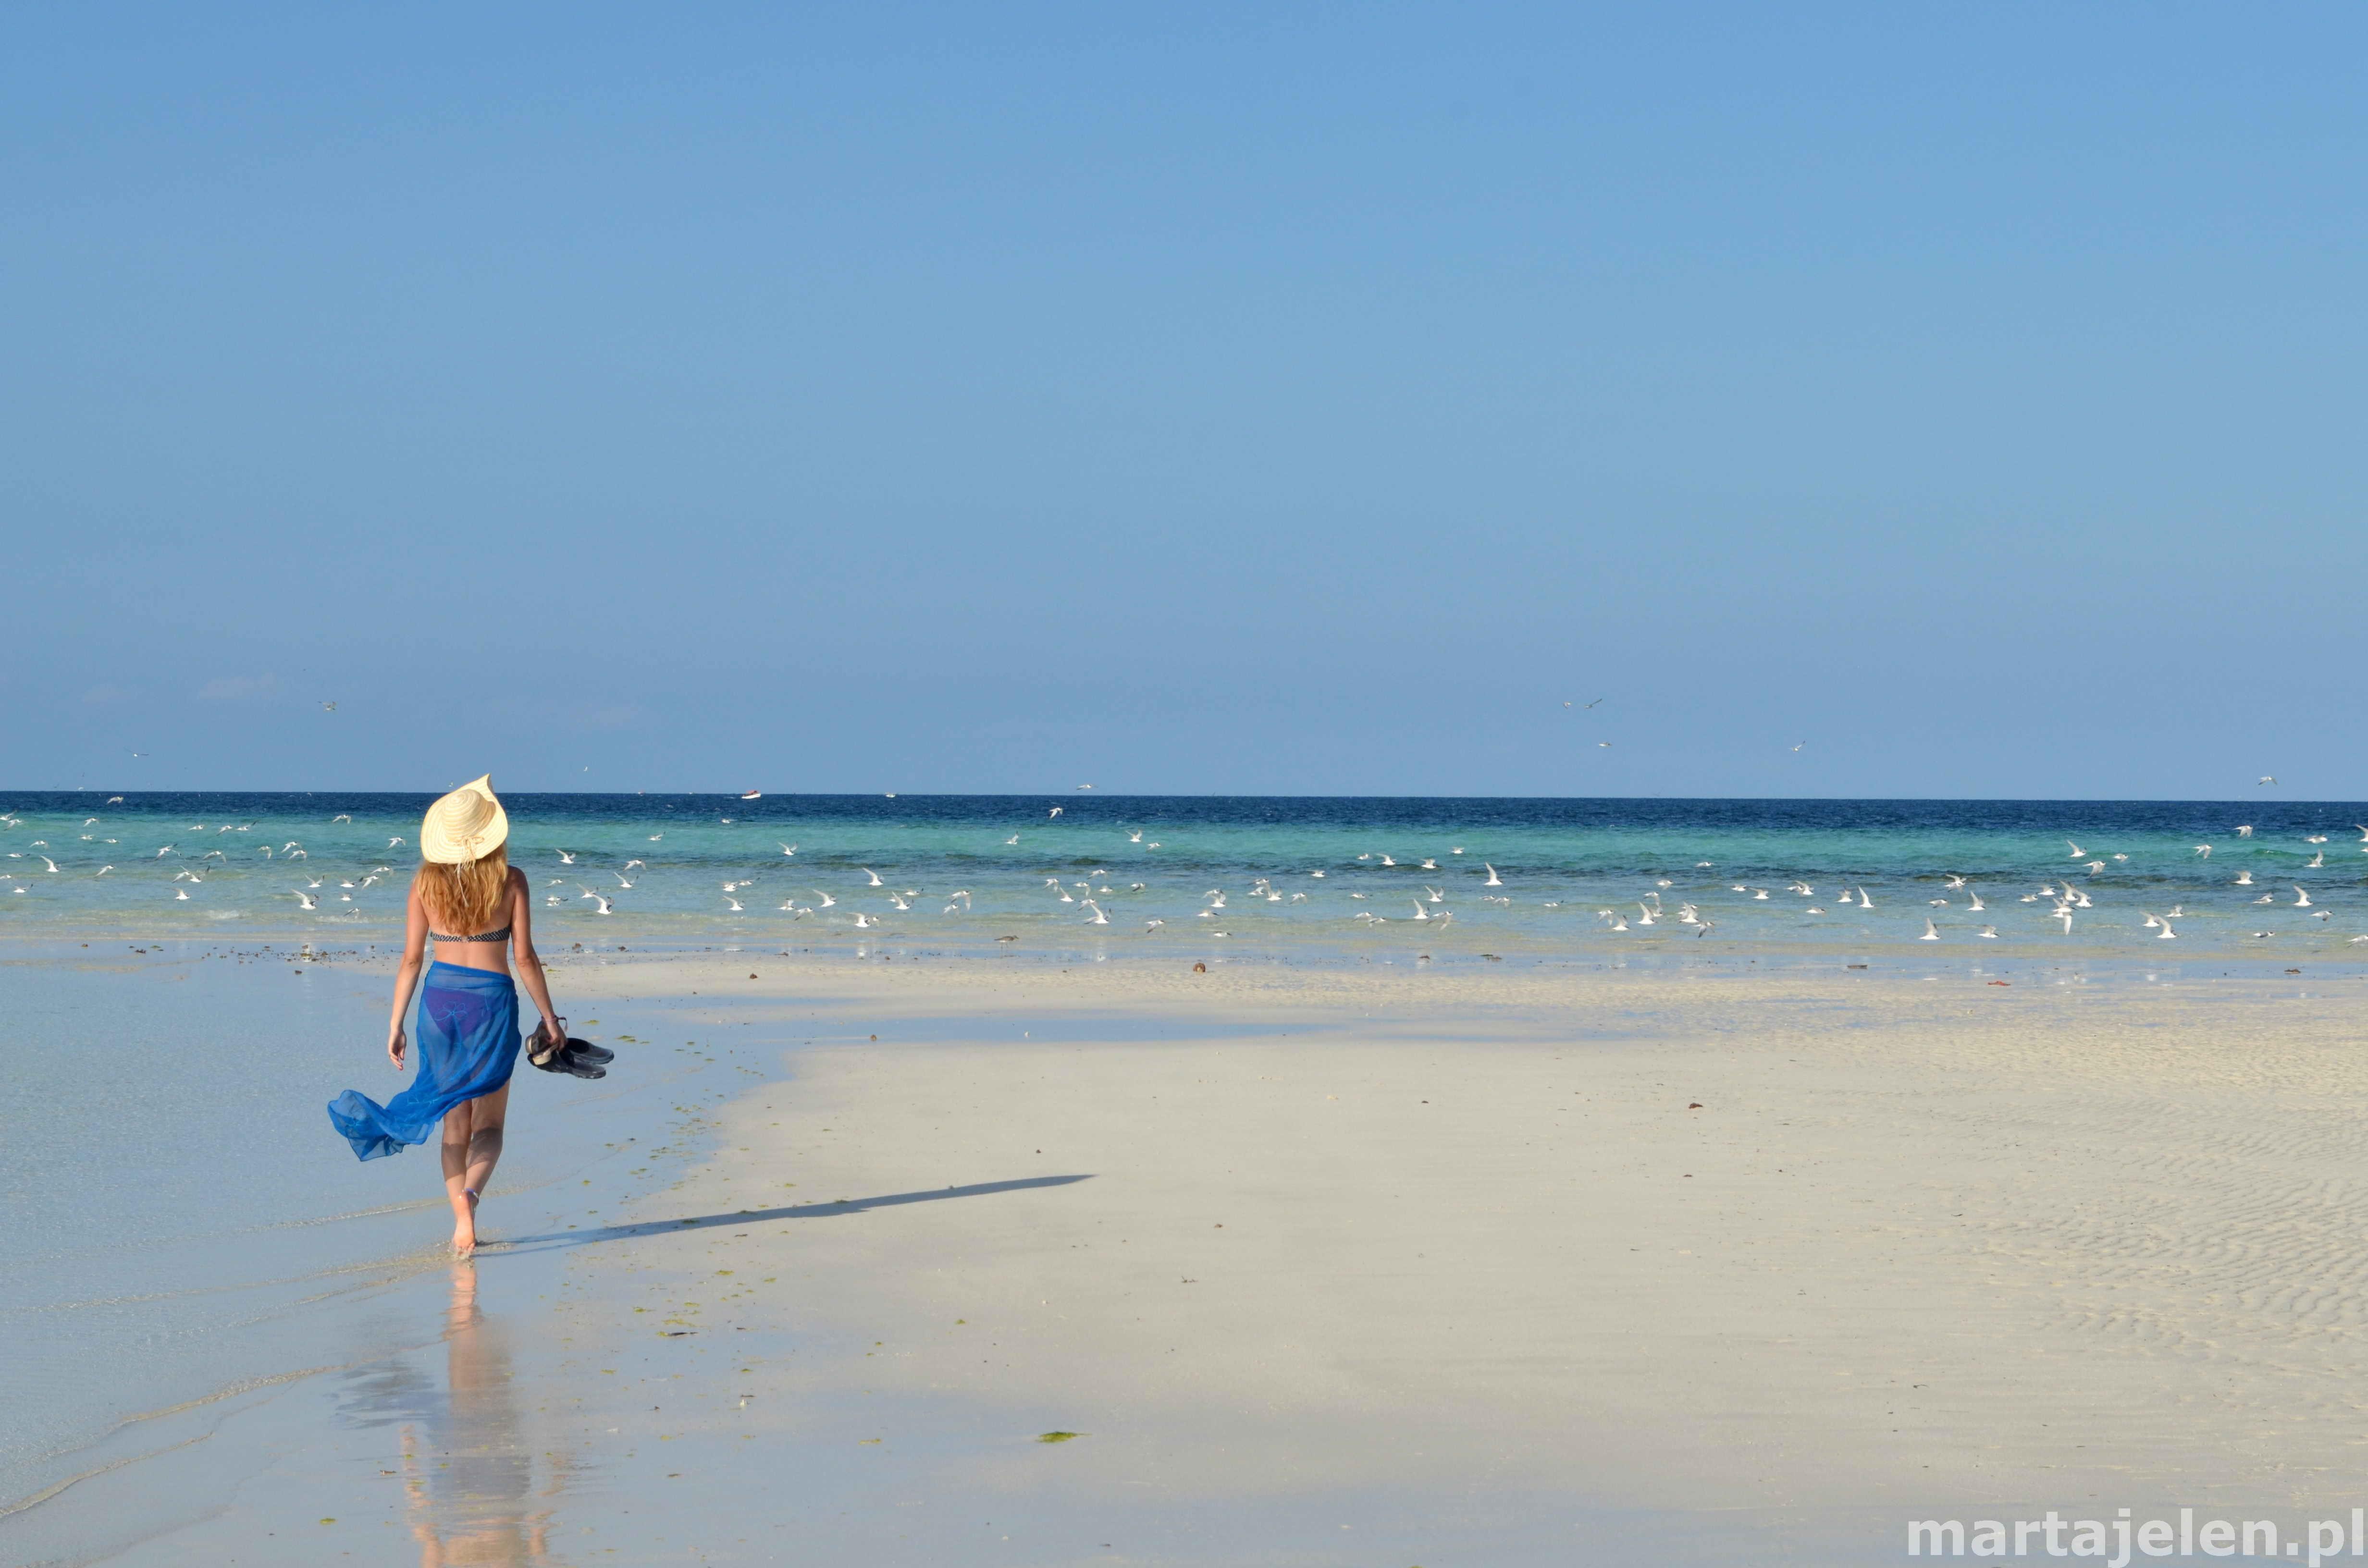 Kobieta idąca plażą nad oceanem w kierunku latających mew